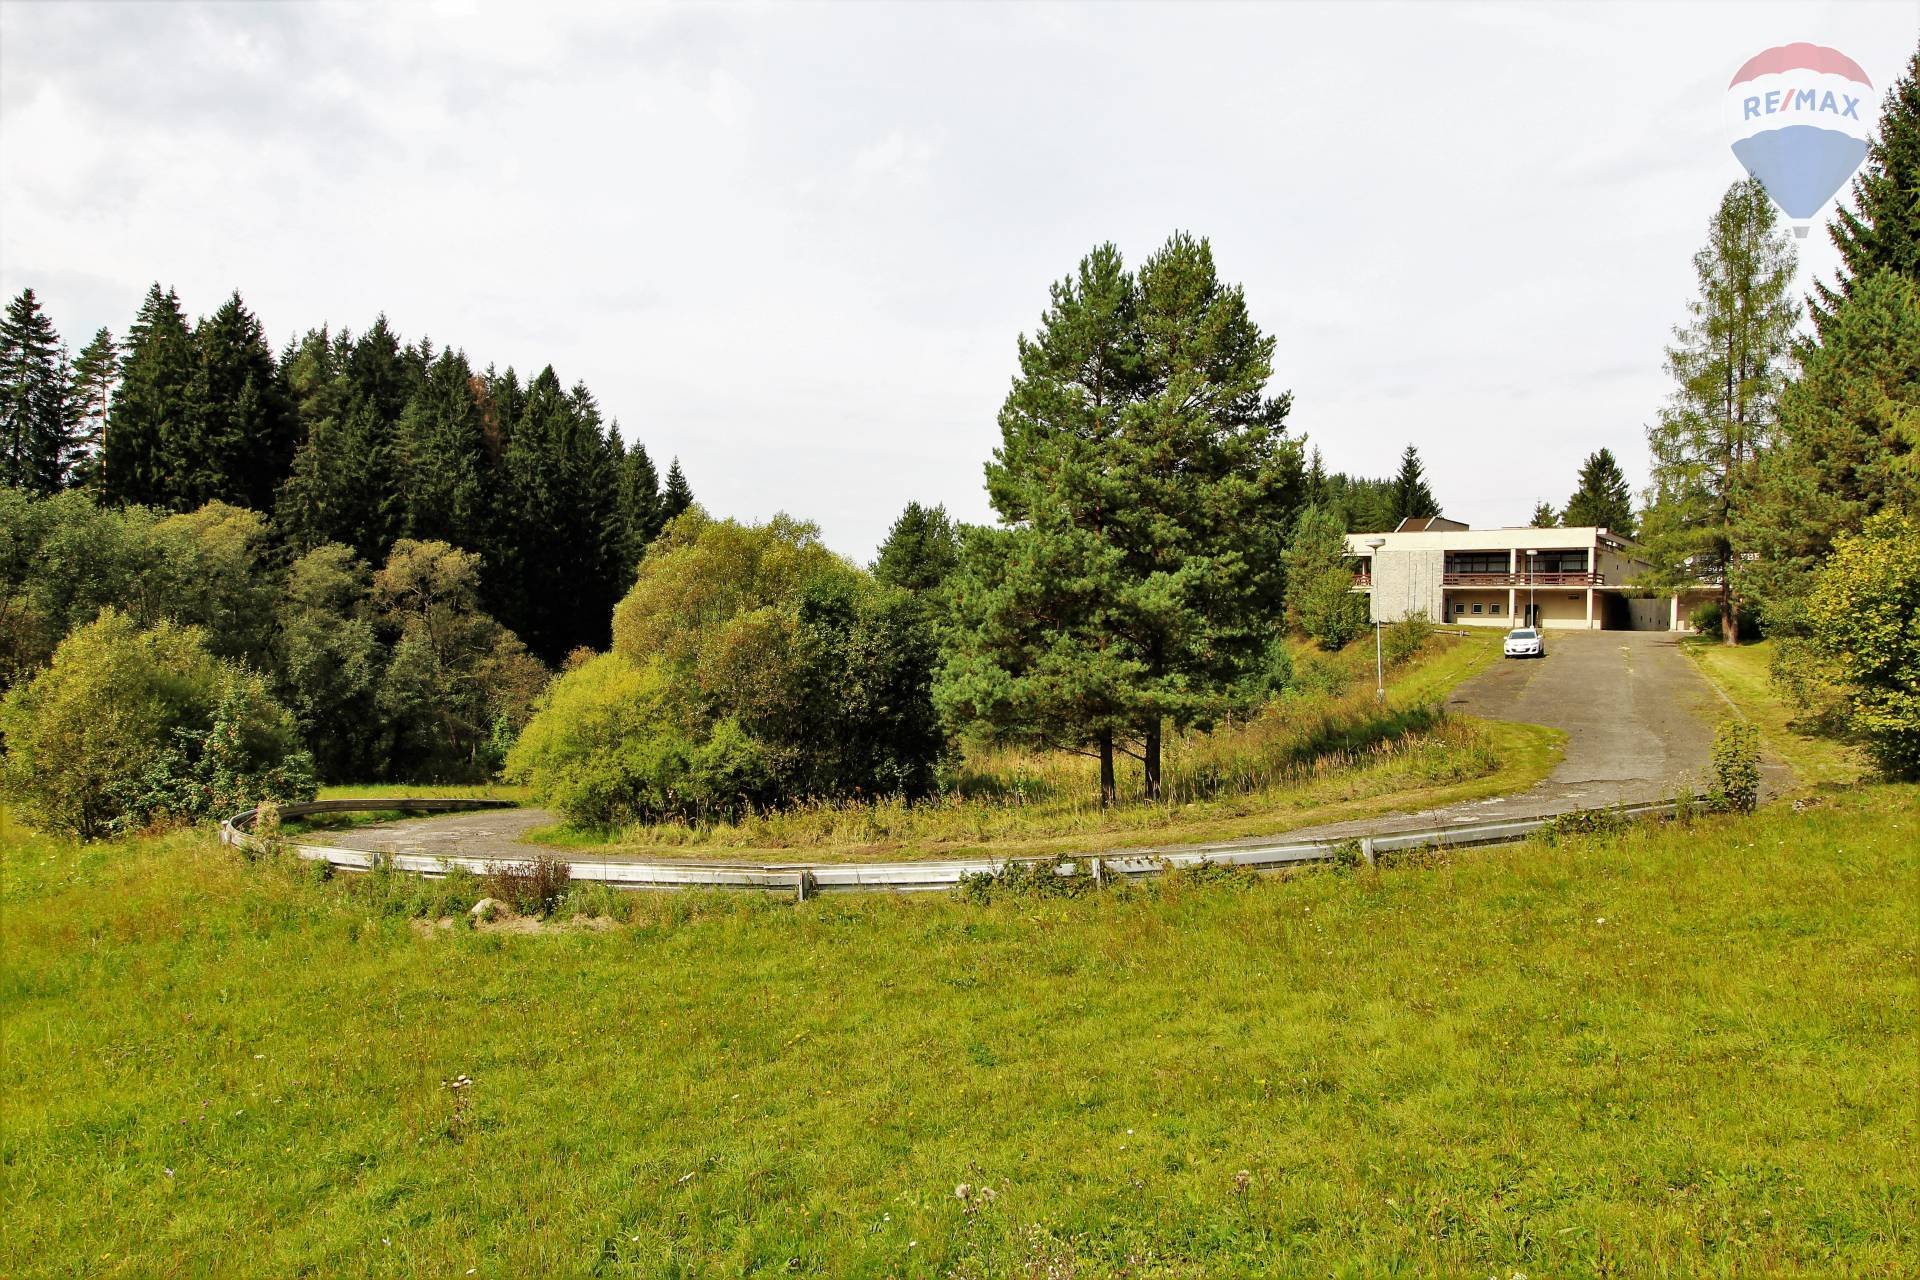 Na predaj bývalé ubytovacie zariadenie - Motel Hybe, Liptov